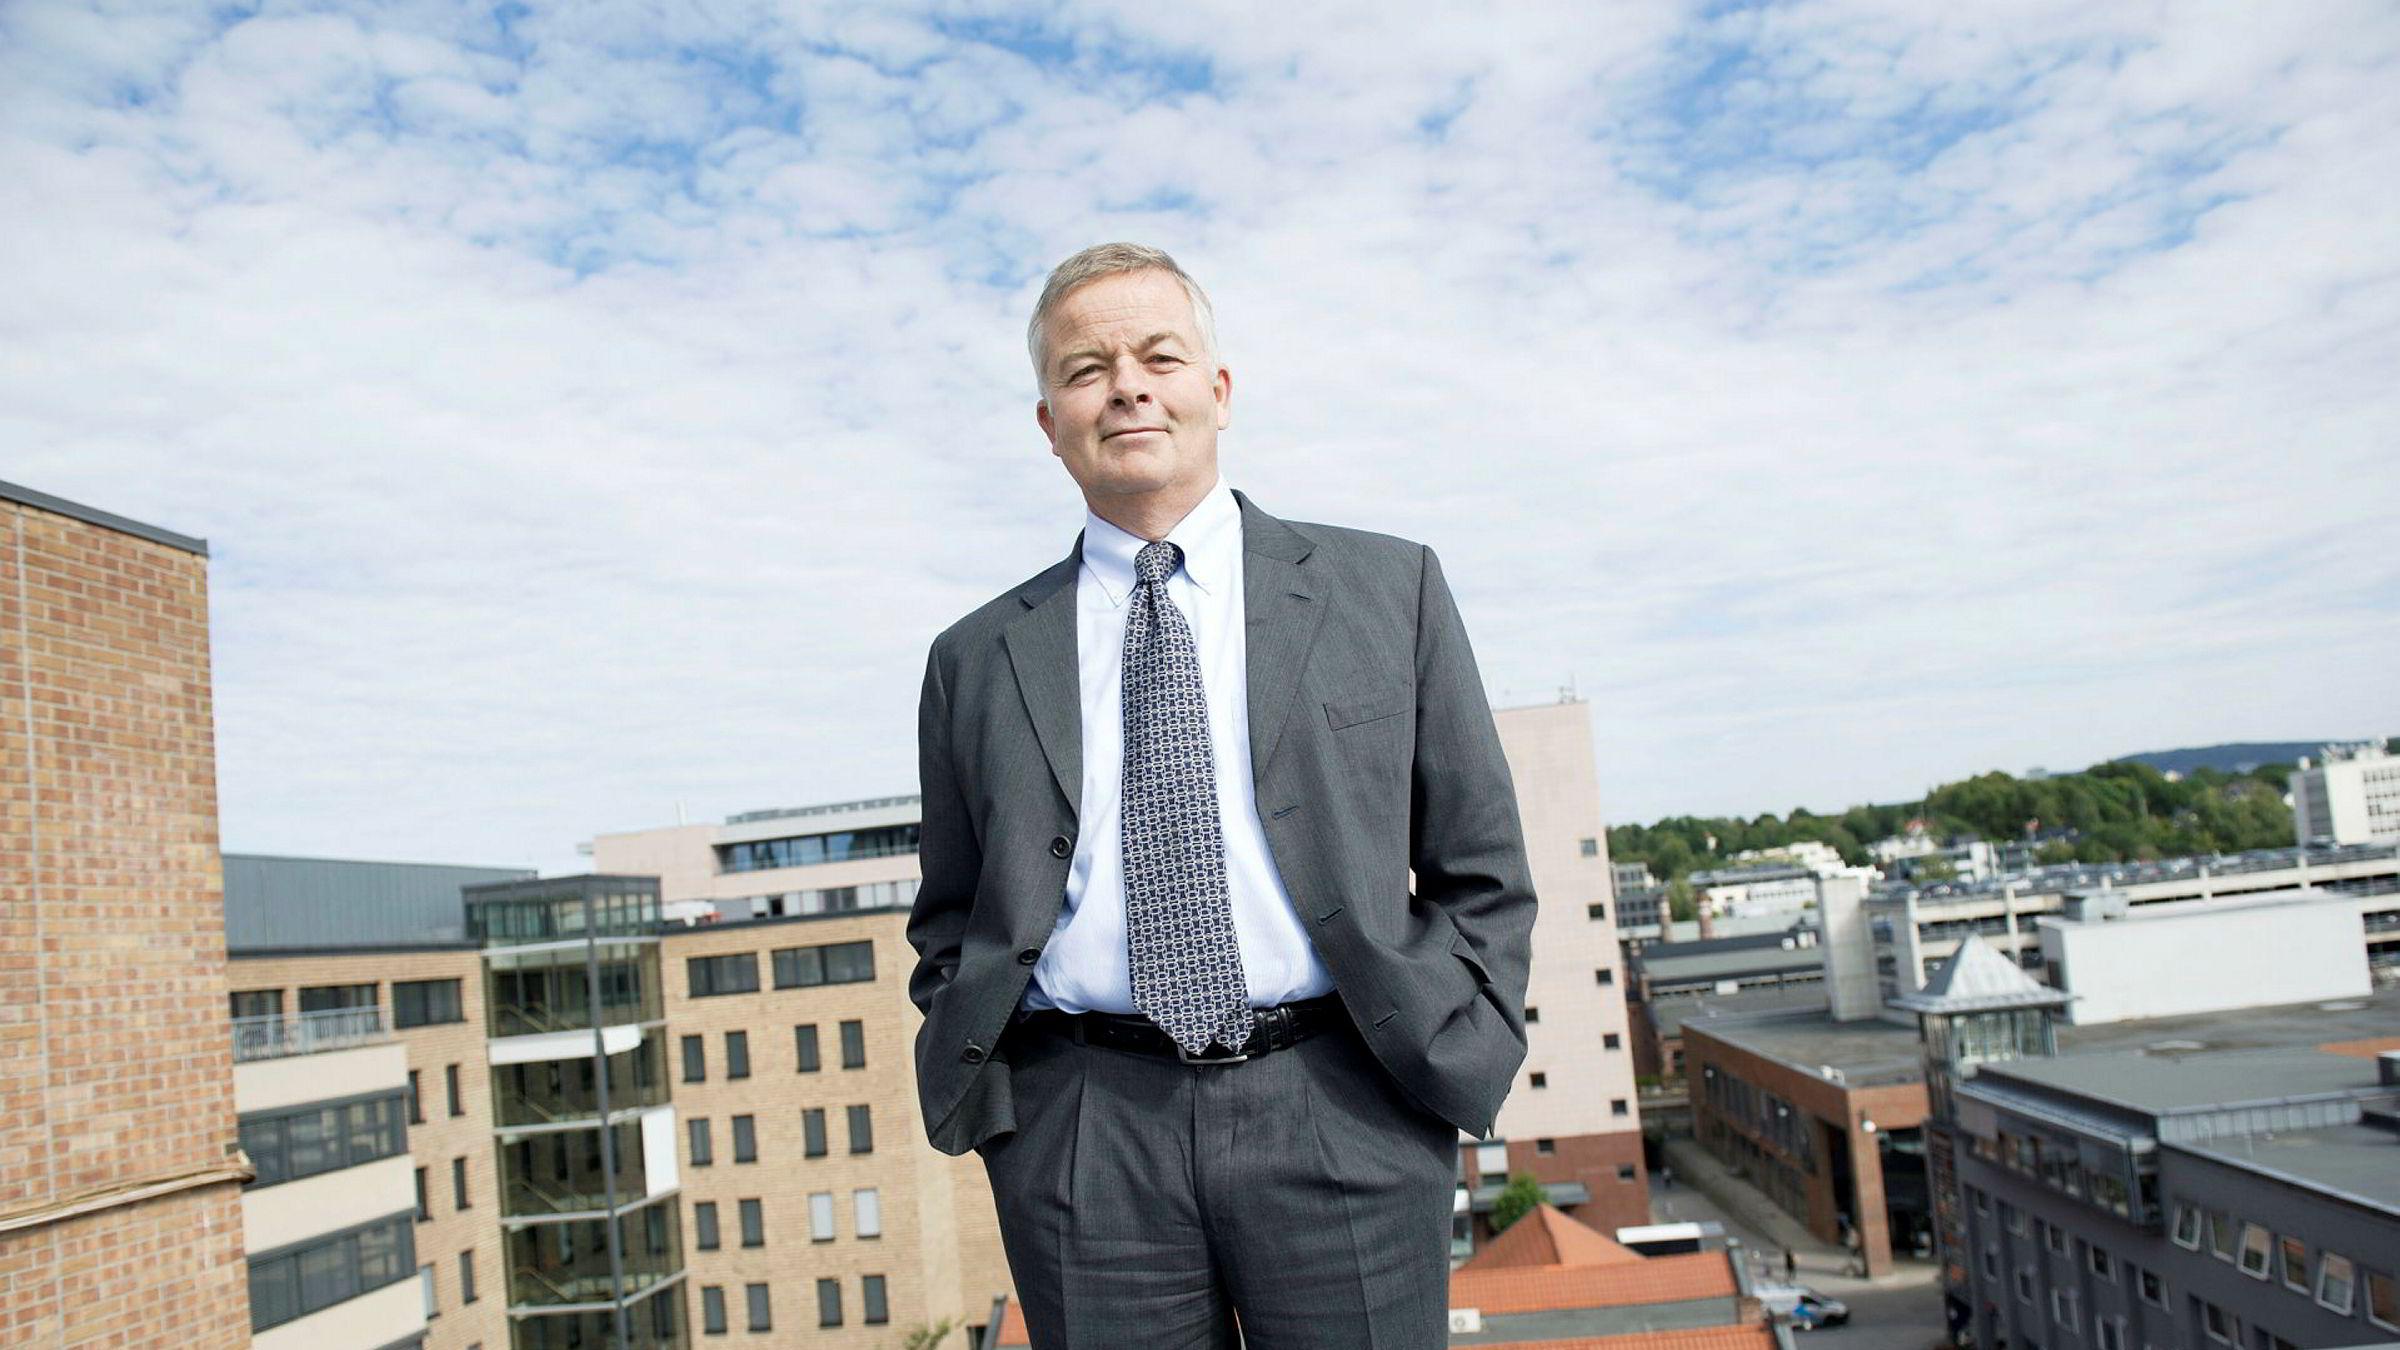 Veidekke solgte boliger for for 900 millioner kroner i tredje kvartal. Avbildet er Veidekkes konsernsjef Arne Giske.